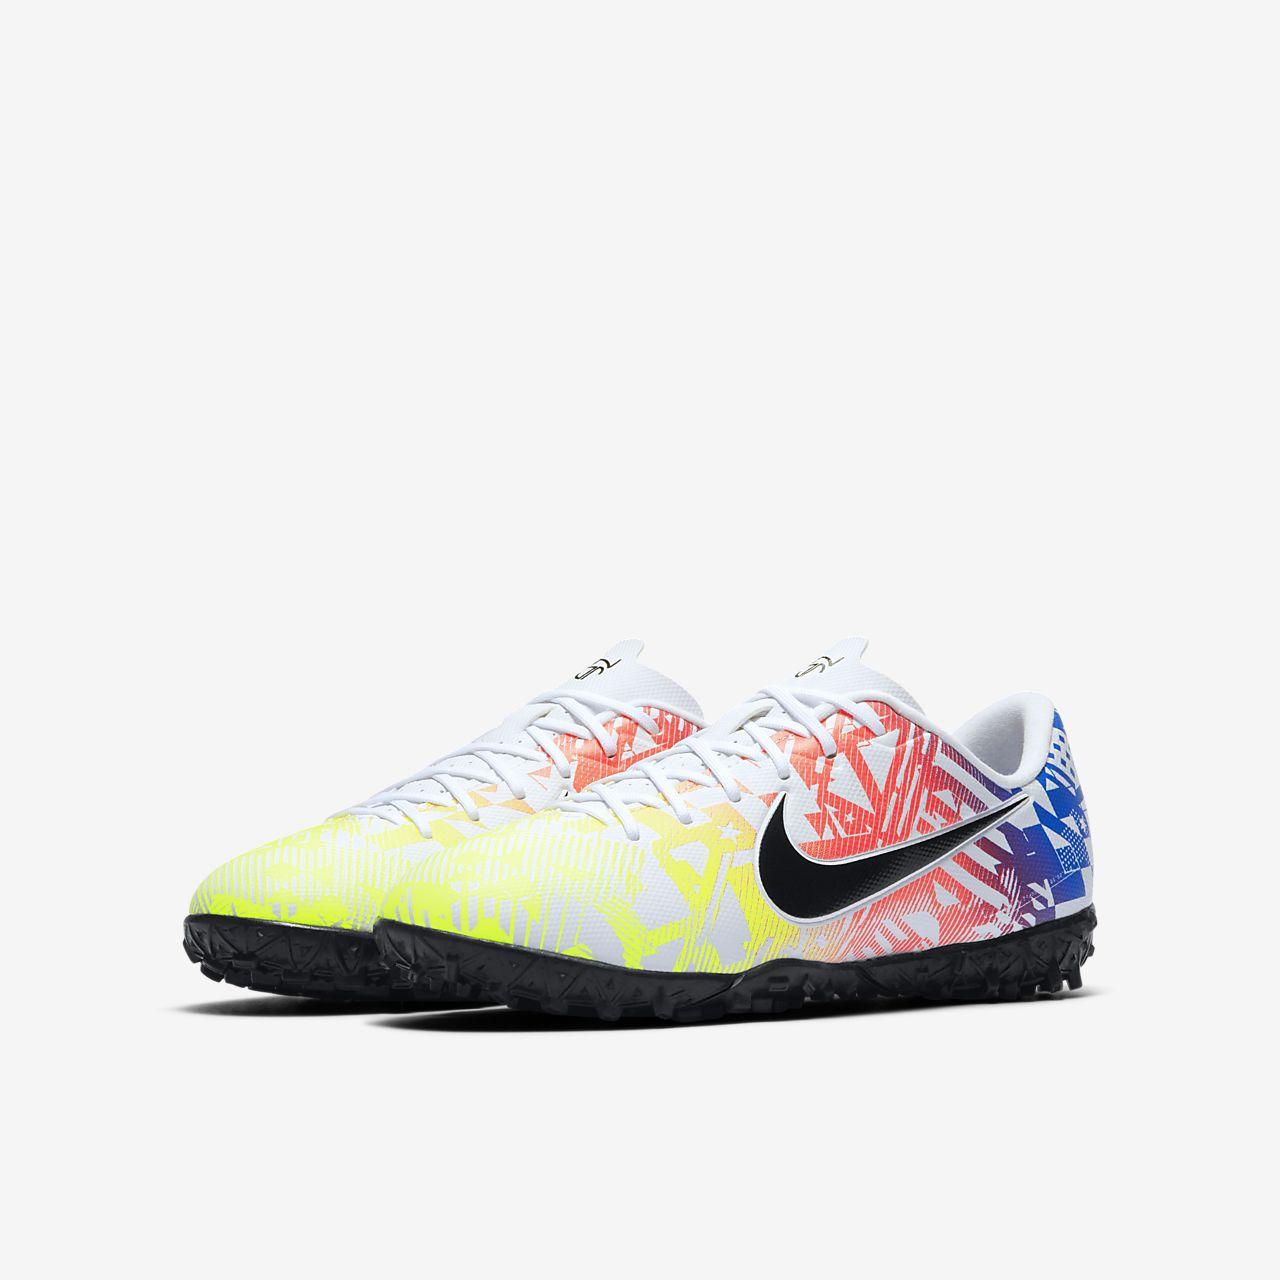 Chaussure de football pour surface synthétique Nike Jr. Mercurial Vapor 13 Academy Neymar Jr. TF pour Jeune enfantEnfant plus âgé